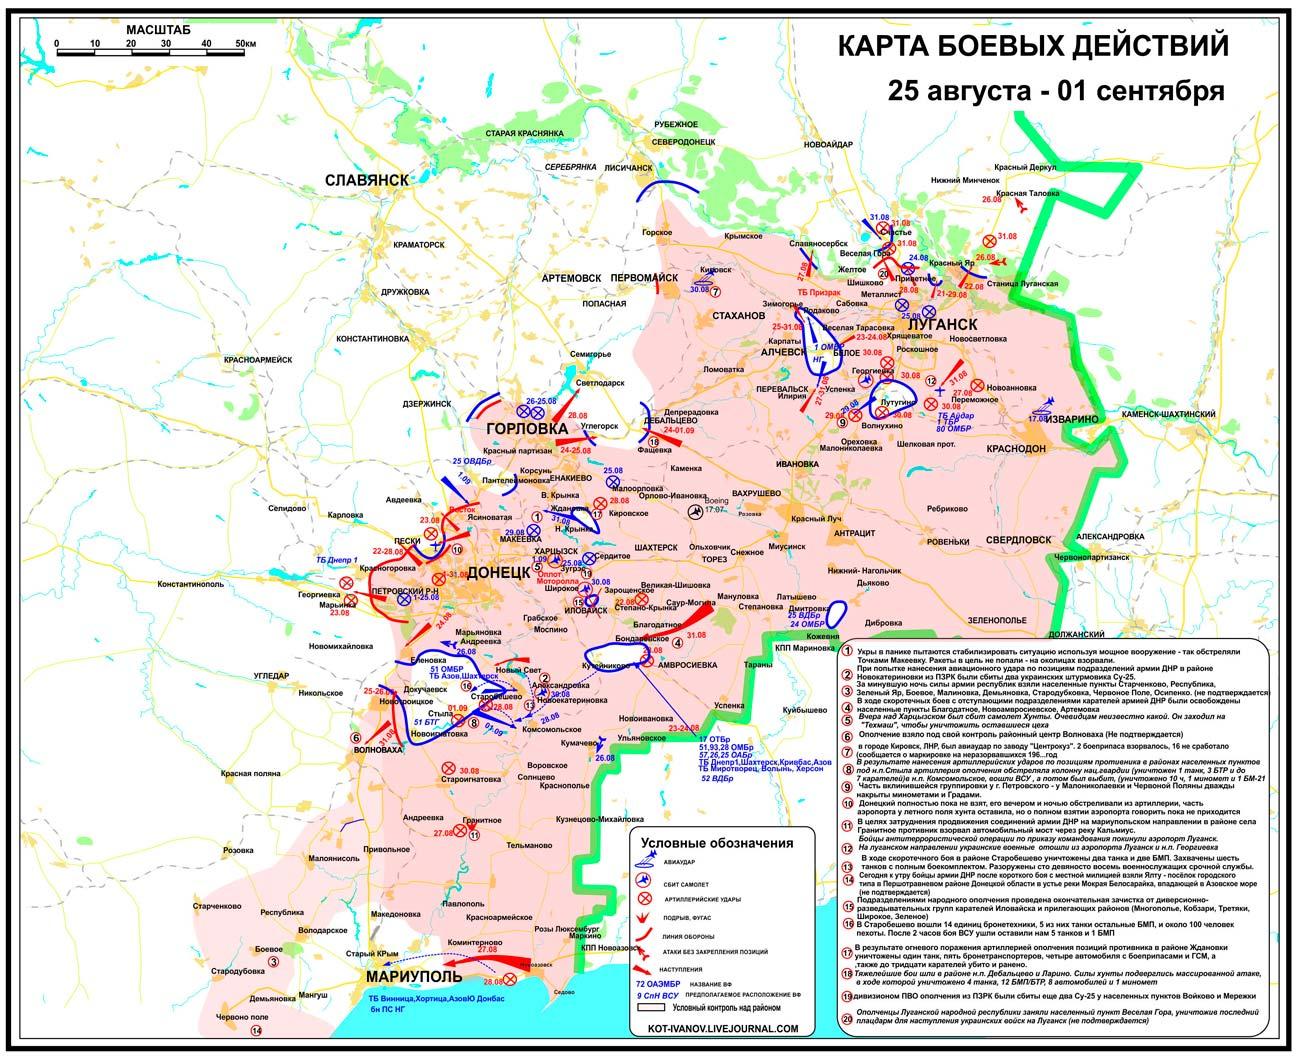 Карта боевых дейсвтй на Донбассе за 2 сентября